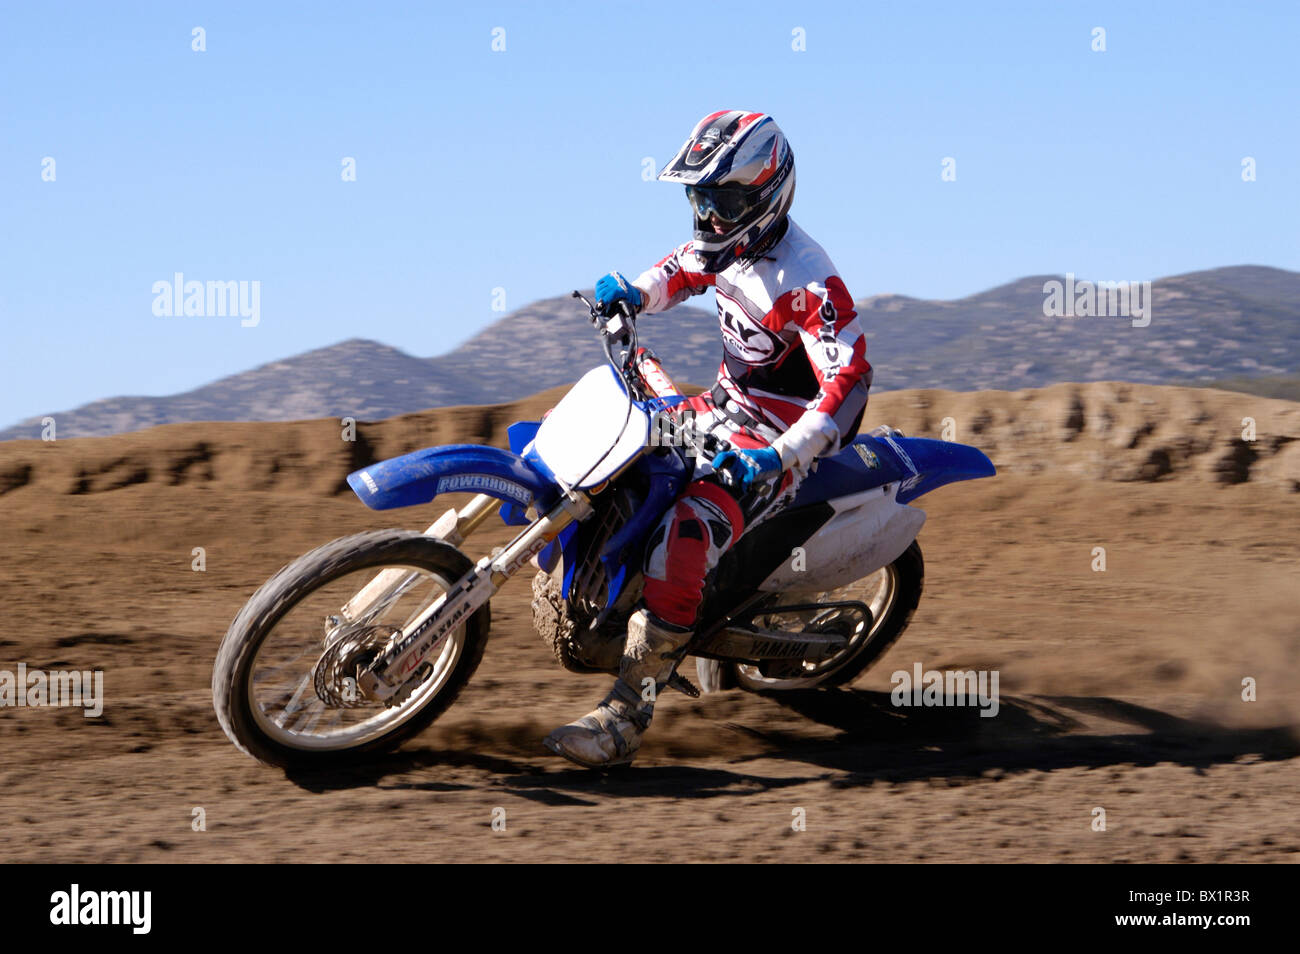 Acción del deporte del motor de moto cross moto motocicleta corriendo sport Imagen De Stock